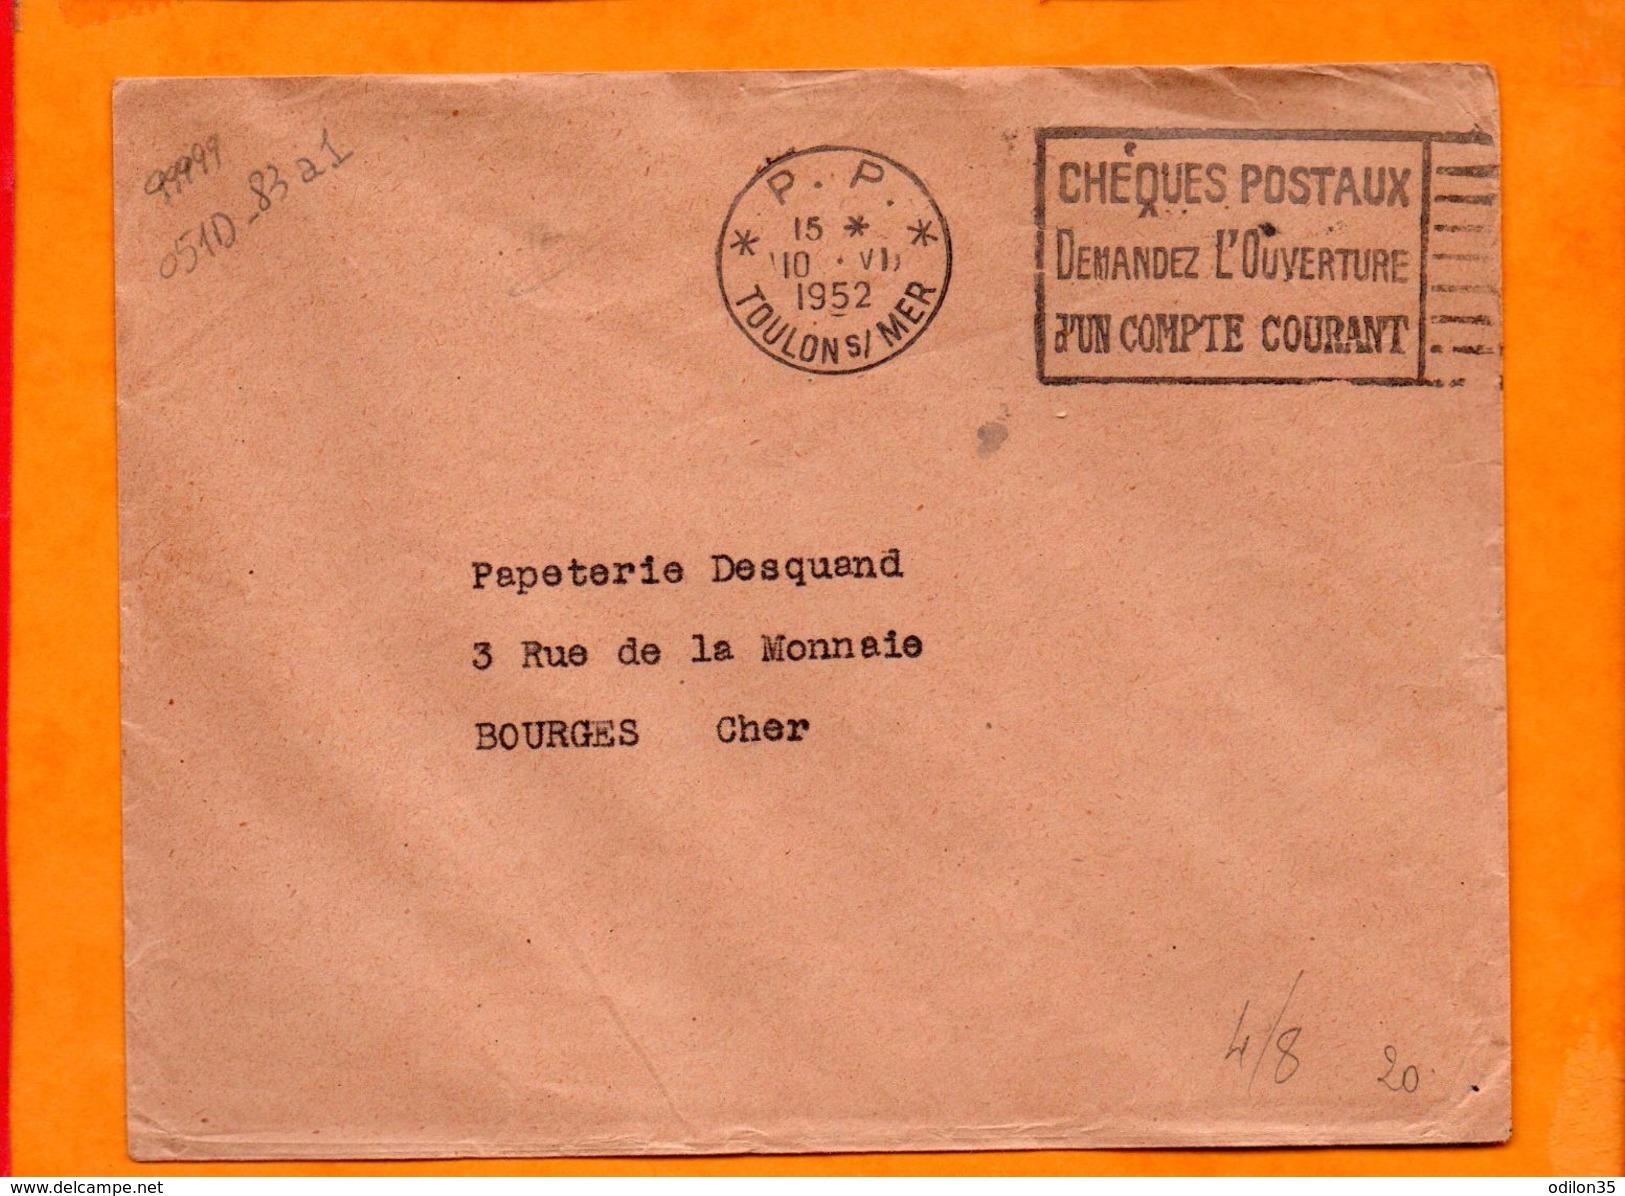 VAR, Toulon, Flamme à Texte, Cheques Postaux, Demandez L'ouverture D'un Compte - Postmark Collection (Covers)